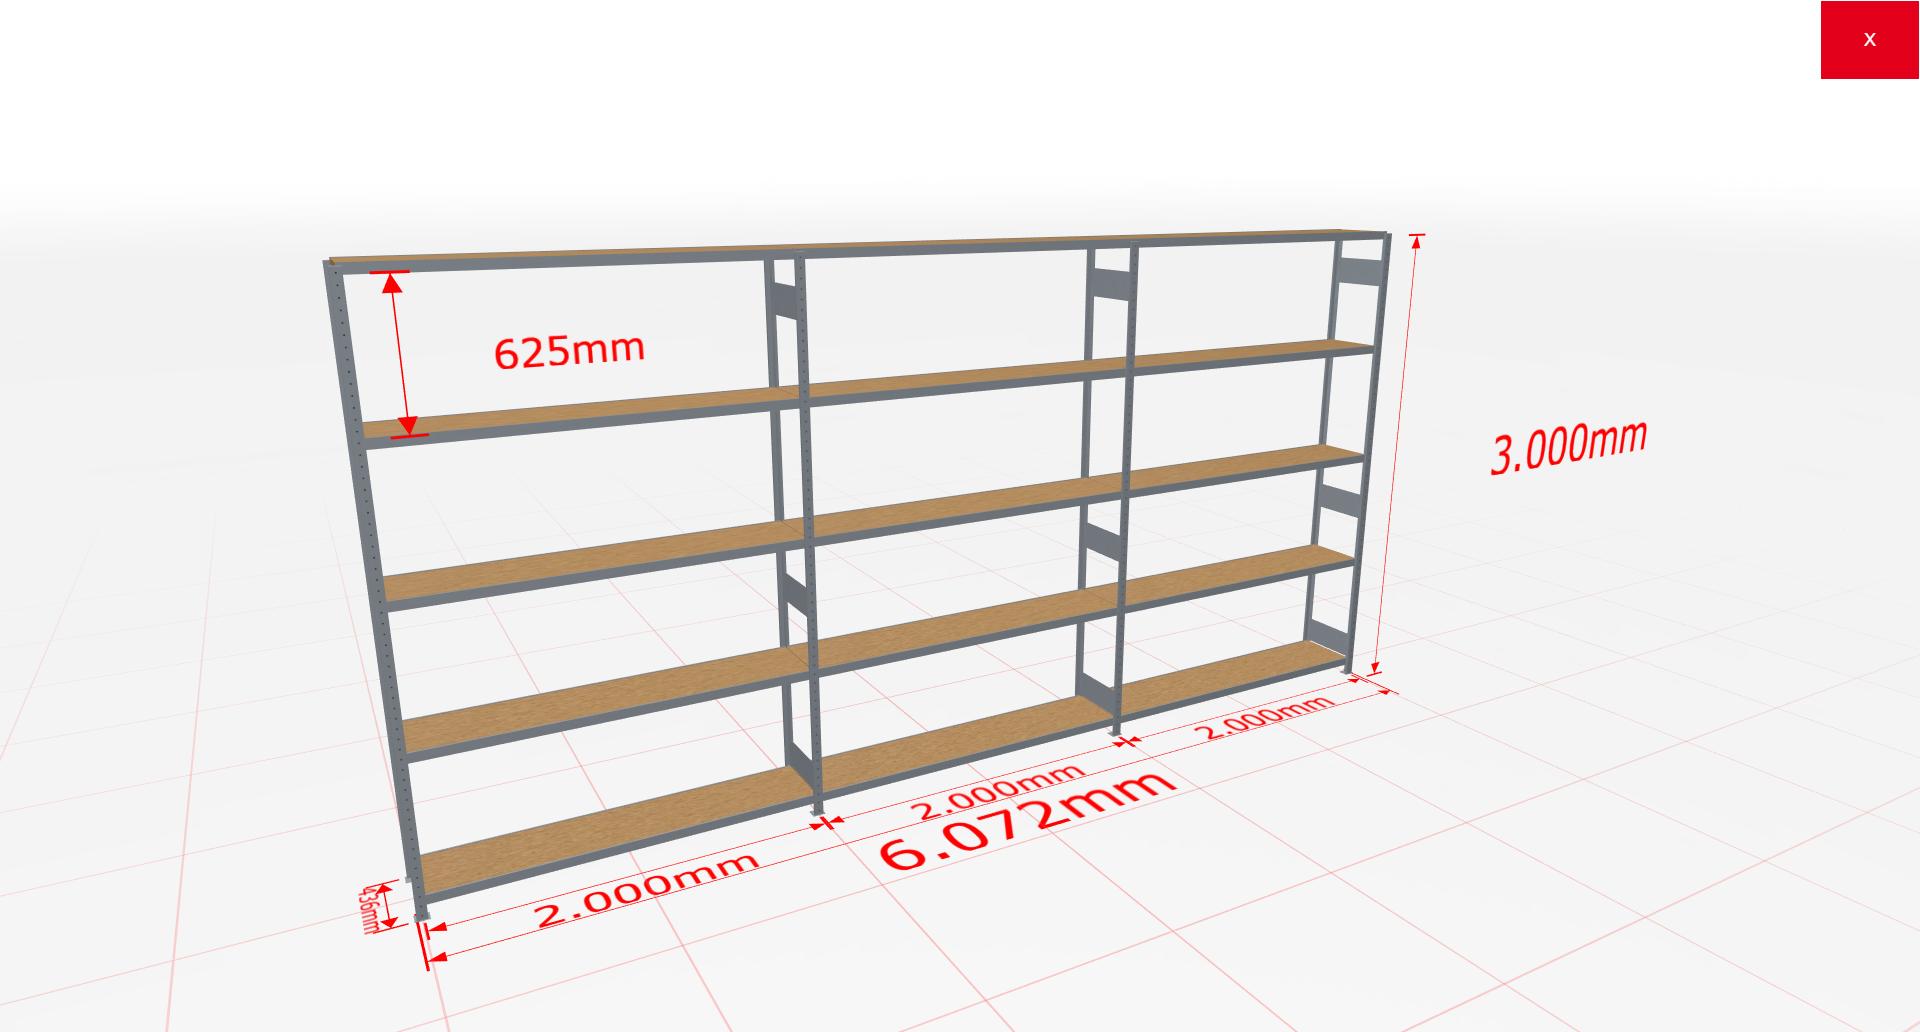 Weitspannregal Komplettregal 3000x6072x400 mm (HxBxT) SCHULTE Lagertechnik verzinkt mit Spanplattenböden